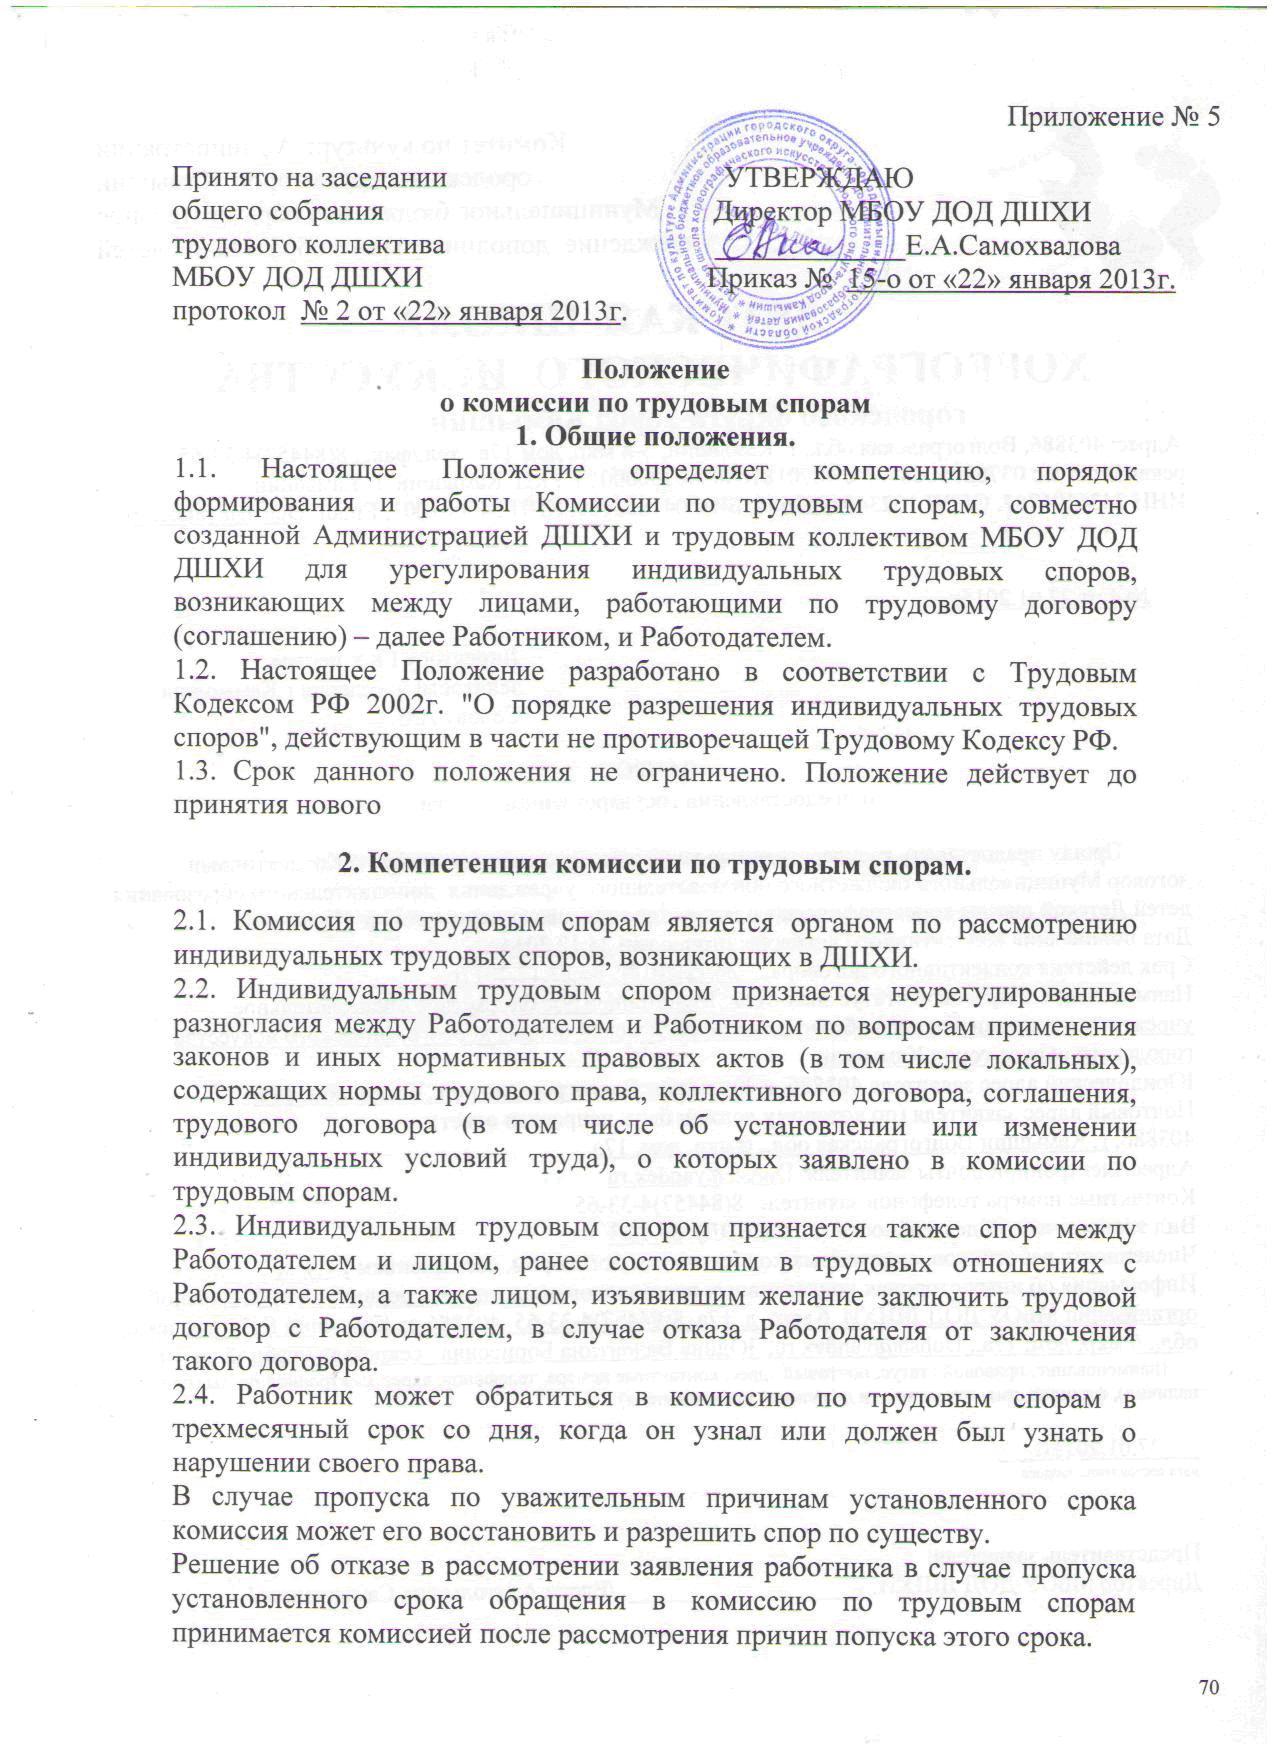 сварка дуговая решение комиссии по трудовым спорам принимается Погоды Русской Халани